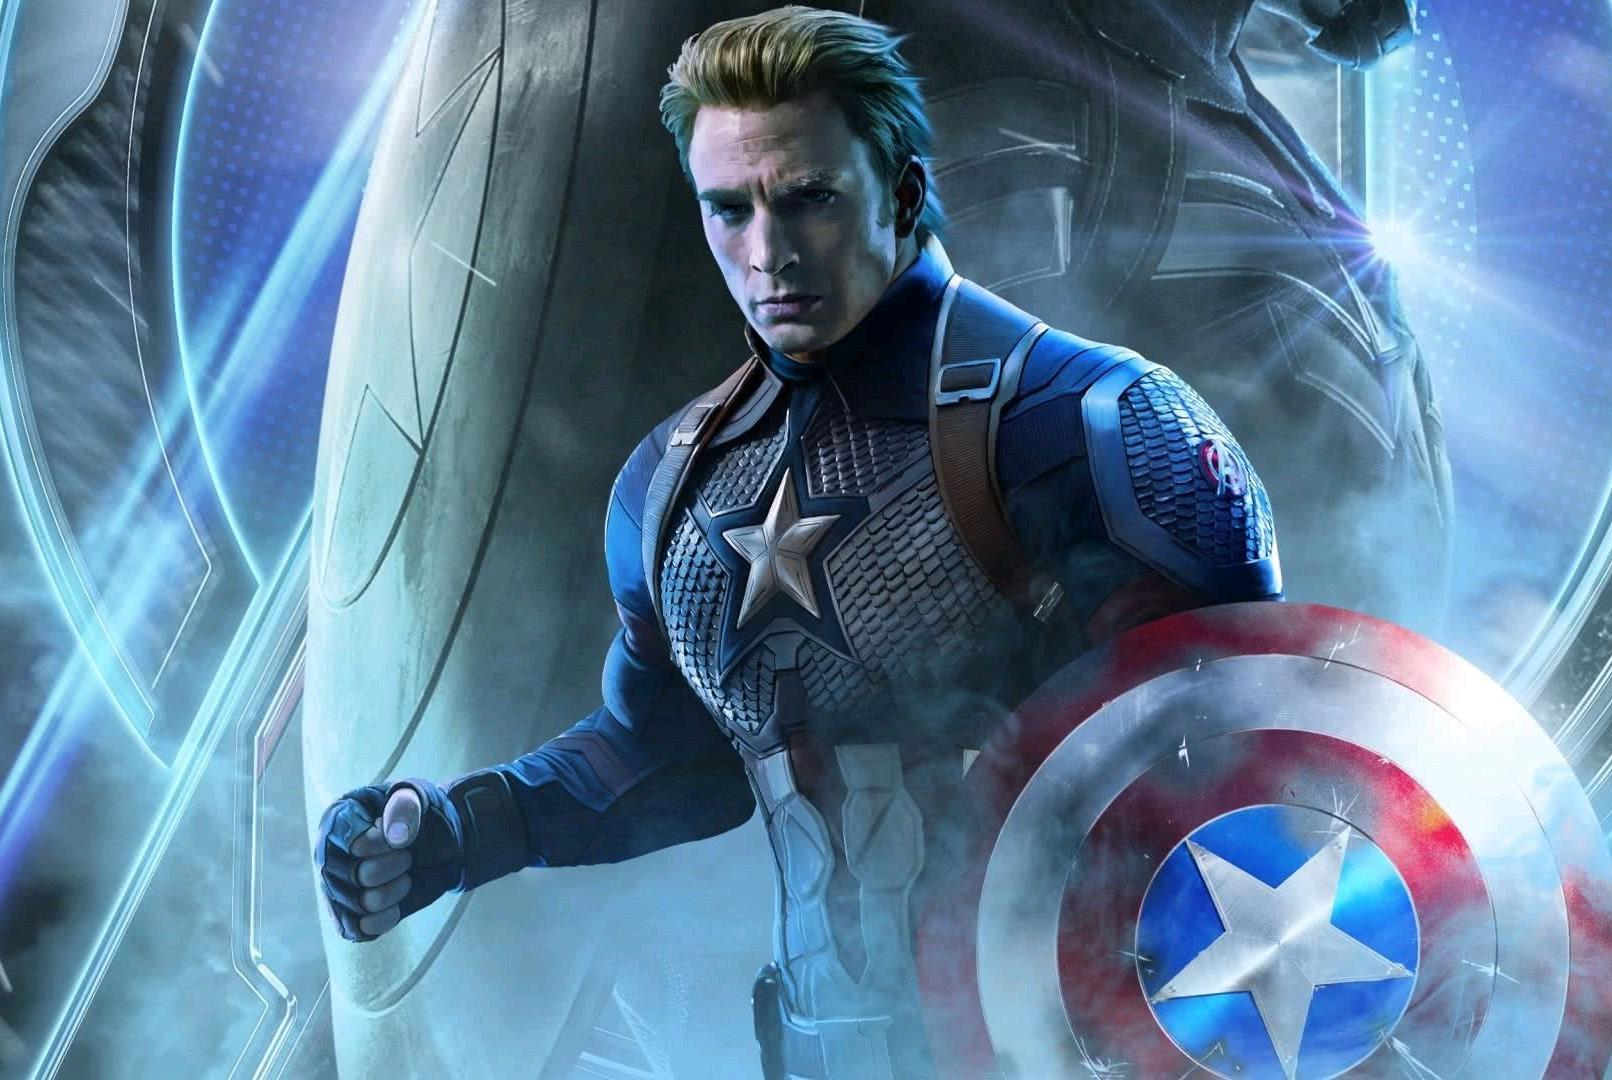 漫威,像美国队长一样的超级战士还有谁?美队年龄到底有多大?